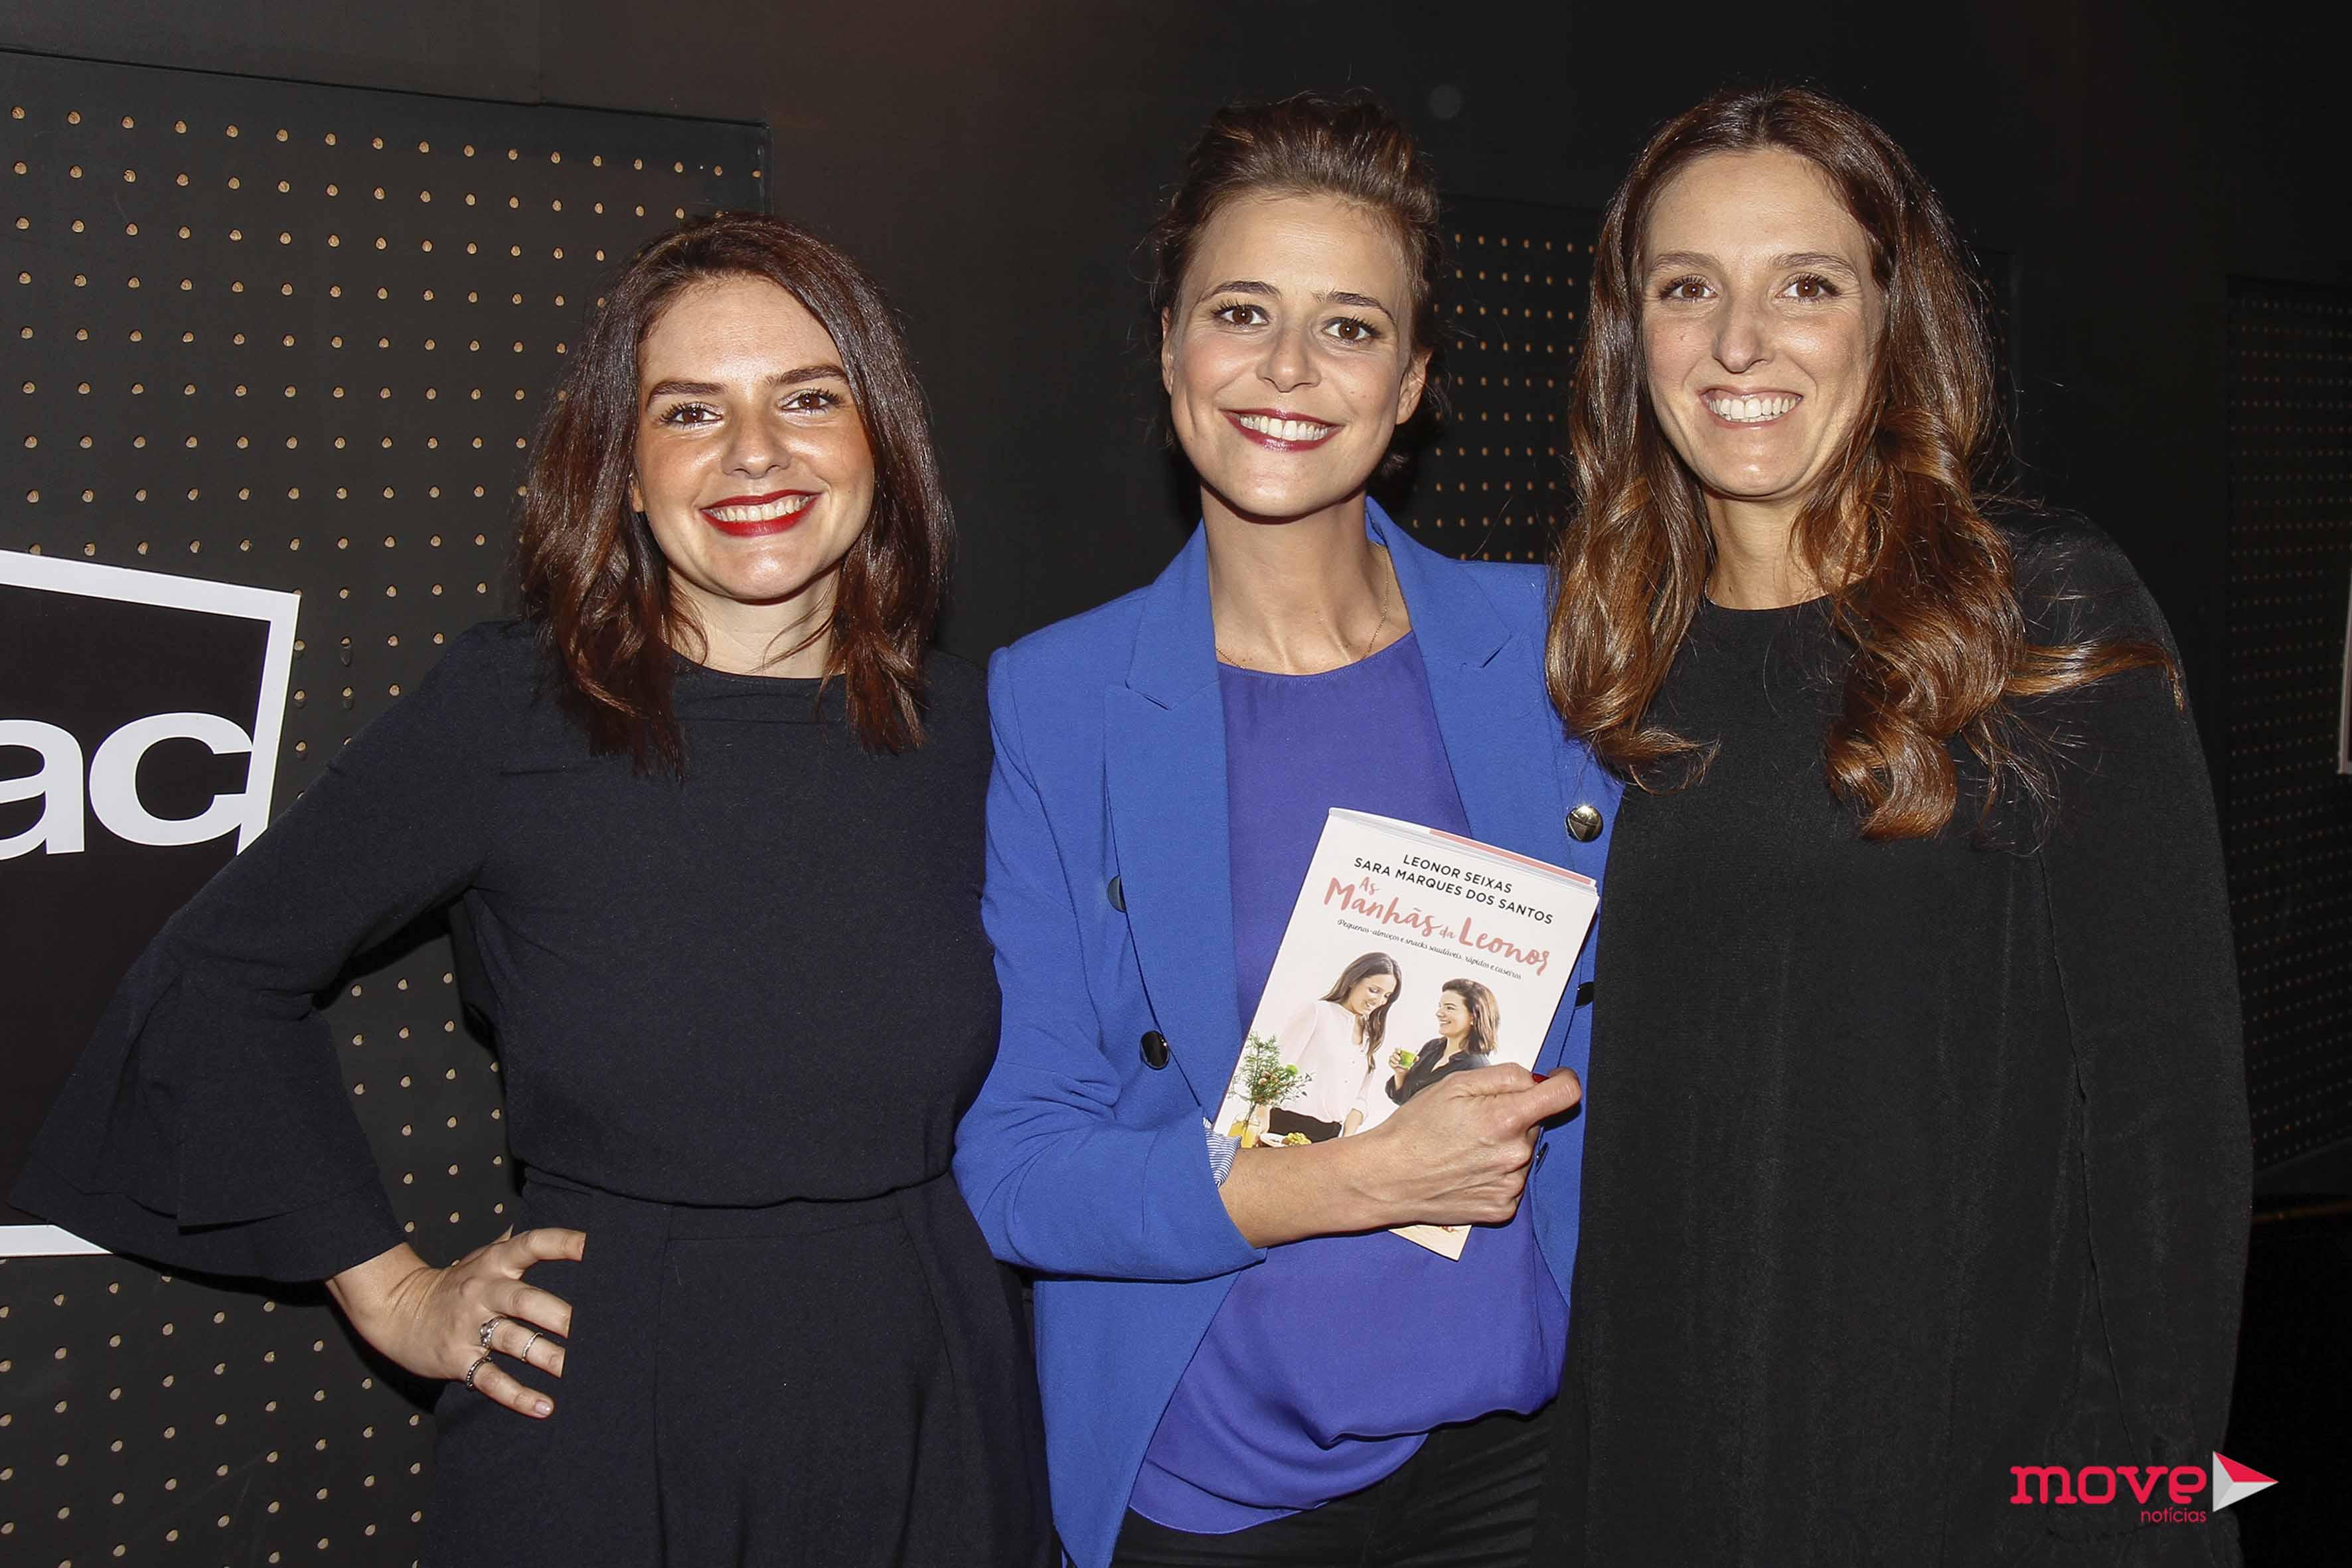 Leonor Seixas, Sara Marques dos Santos e Leonor Poeiras apresentação de livro